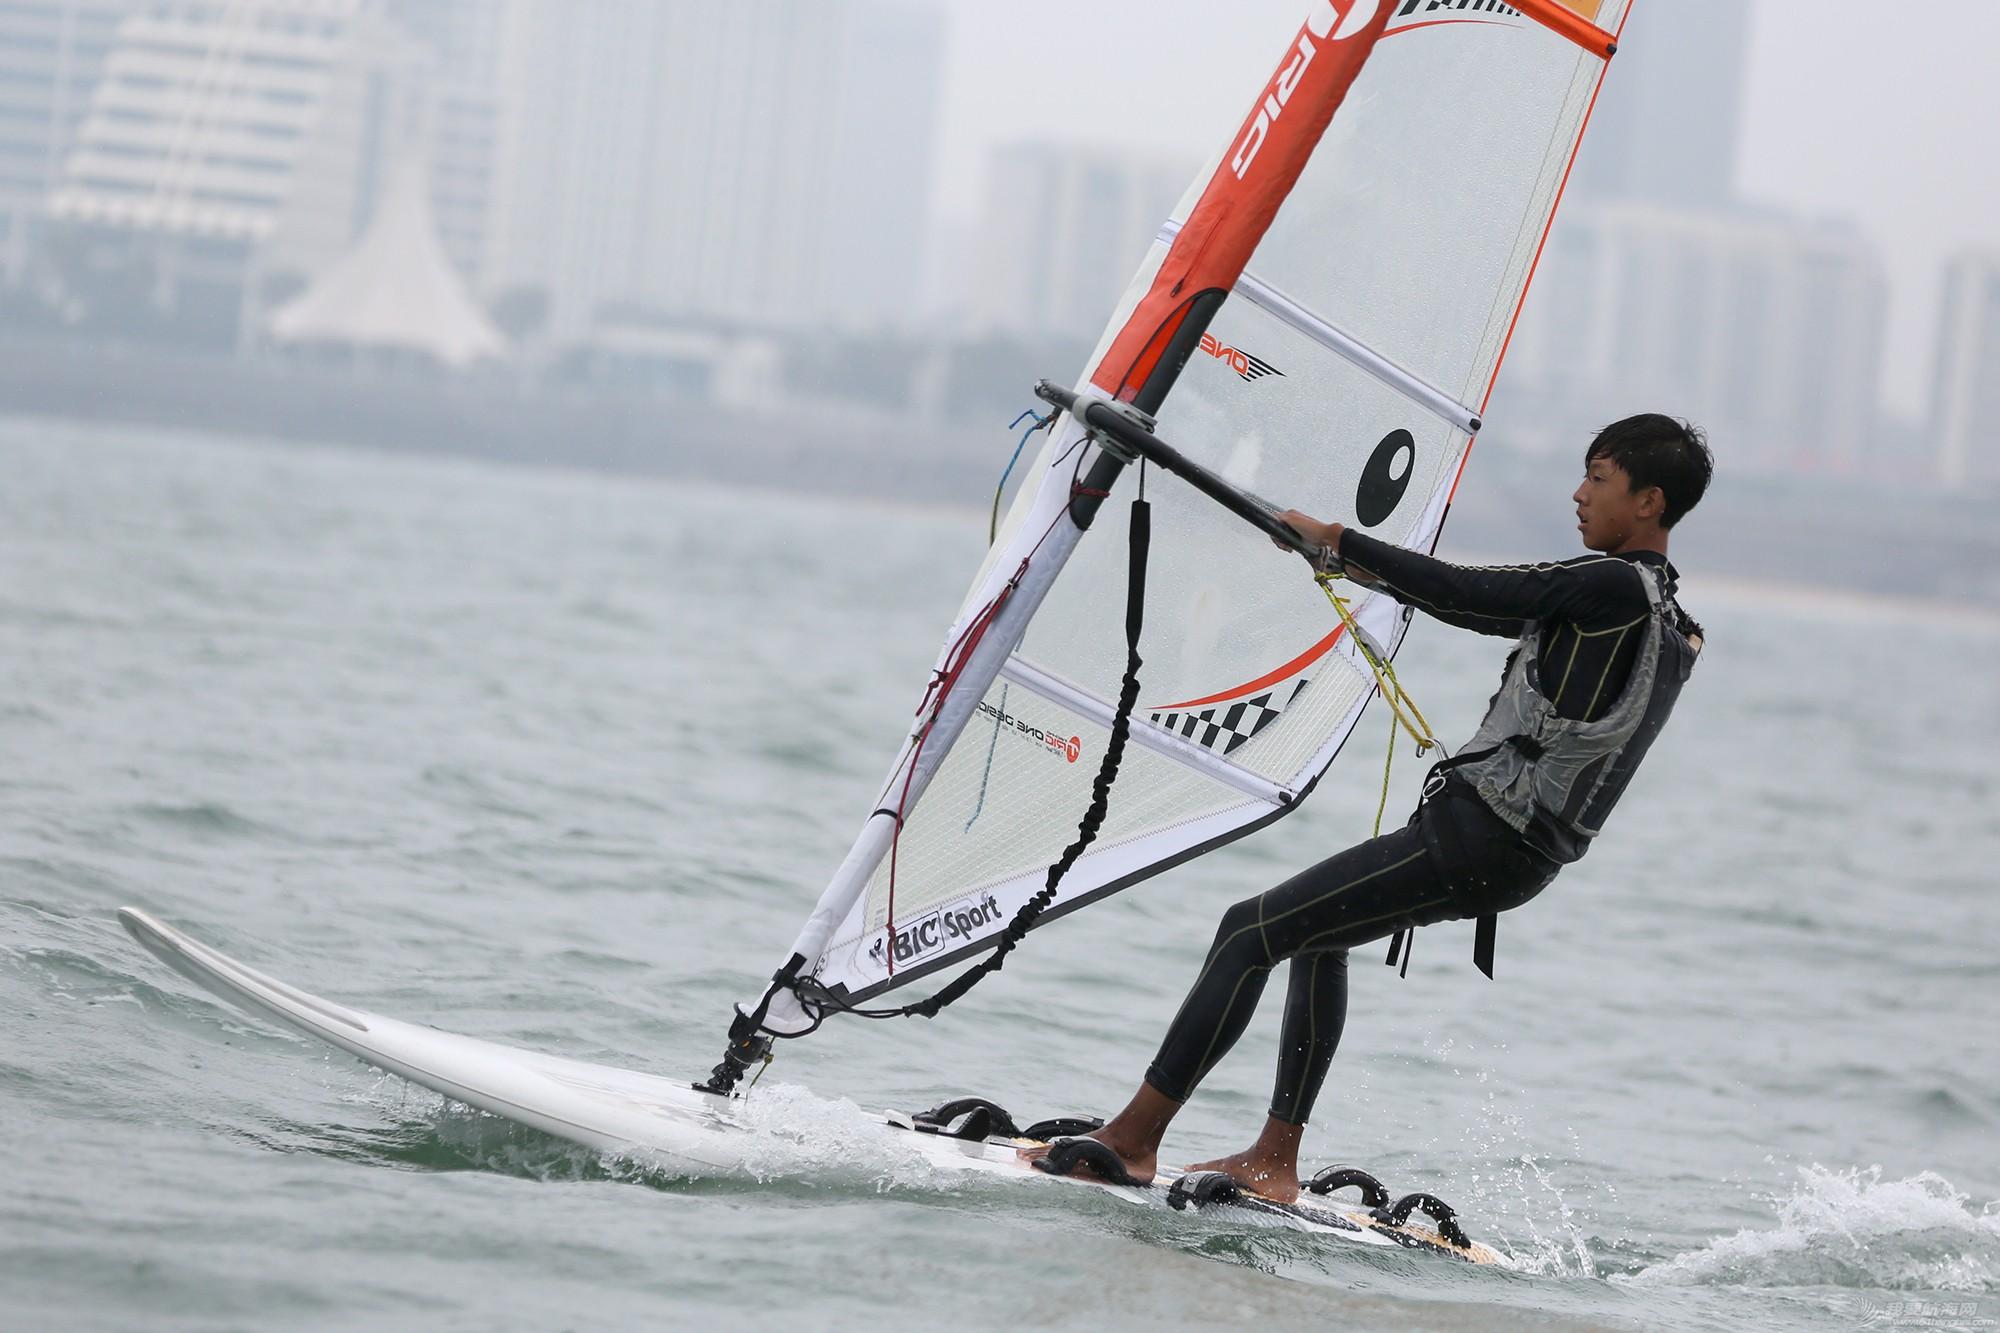 山东省,运动员,冠军赛,天气,帆板 风生水起,怎奈个个都是浪里白条——山东省帆船帆板冠军赛第二天赛况 5V8A1762副本.jpg